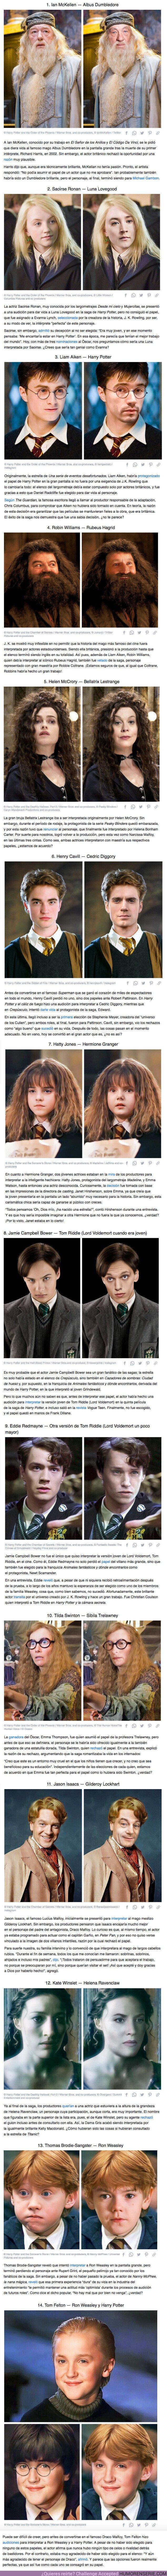 """73312 - GALERÍA: 14+ Actores que por poco interpretan a personajes clave en """"Harry Potter"""""""